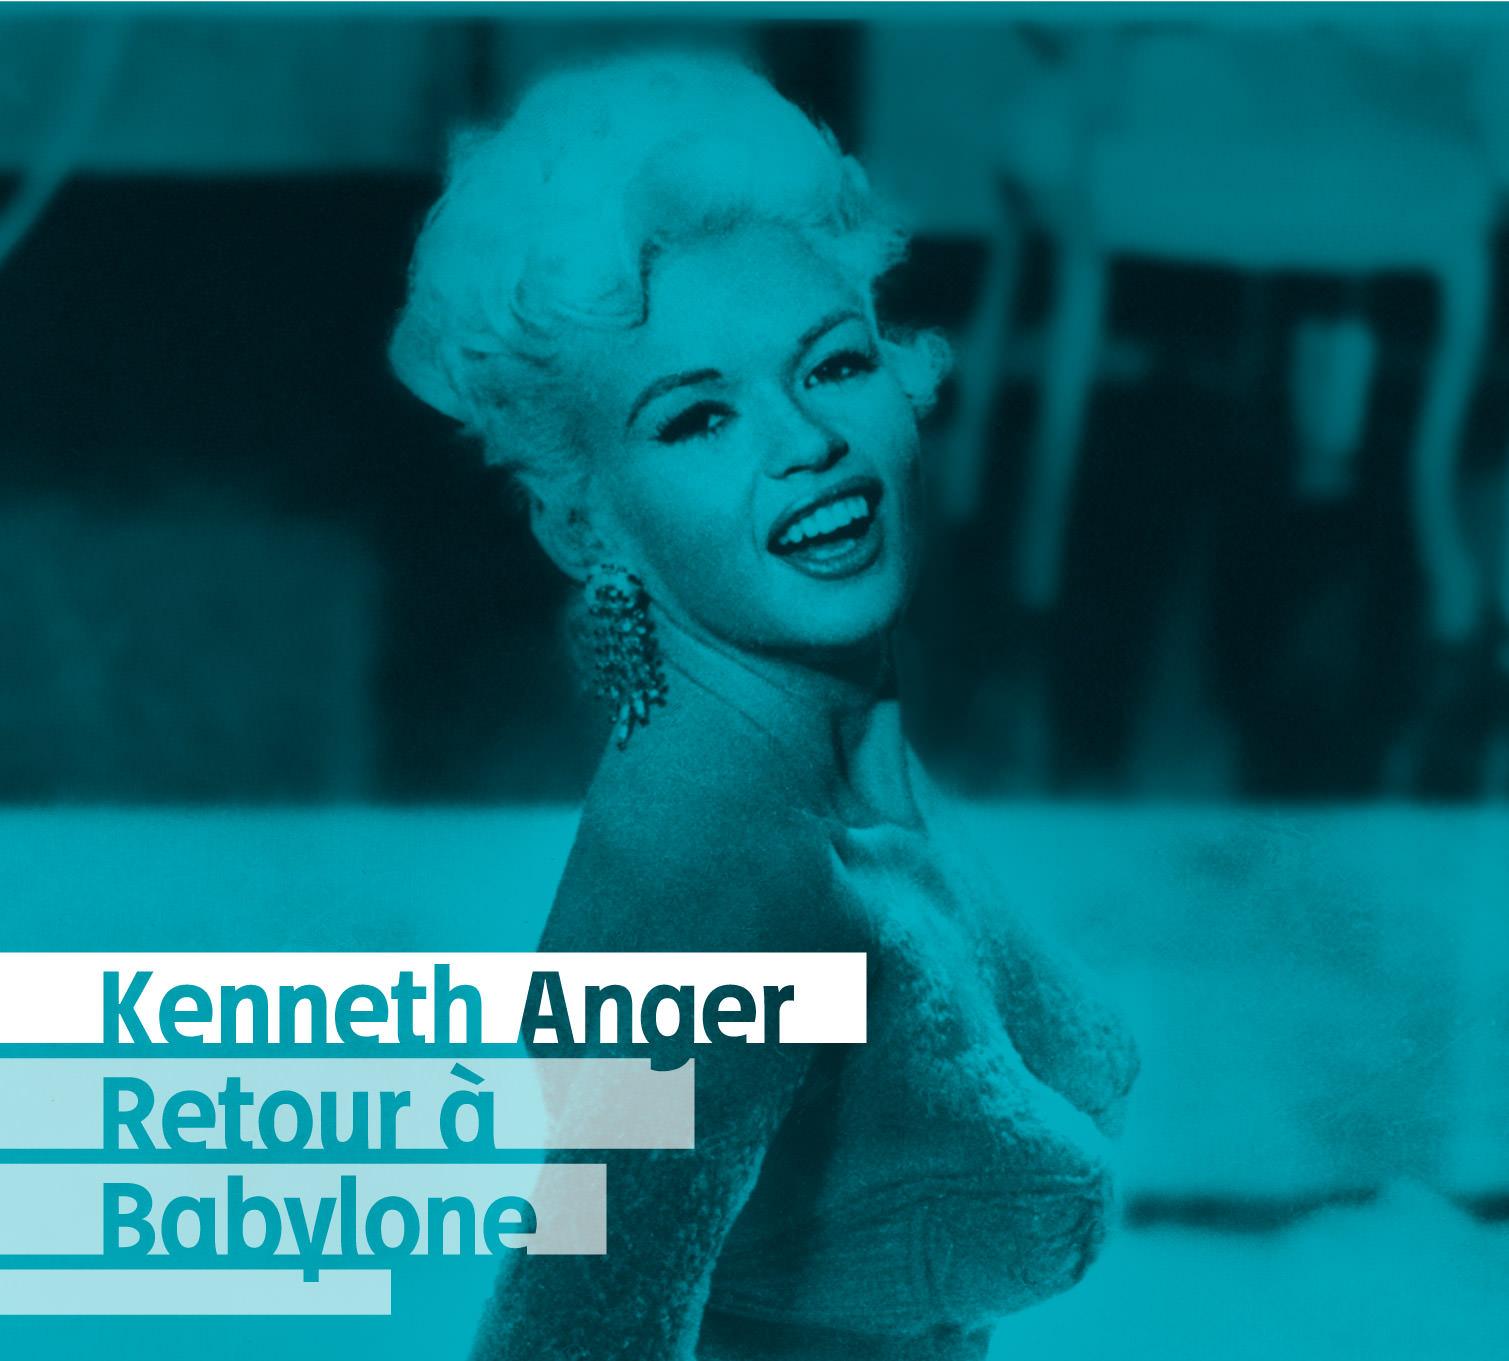 La chronique sulfureuse de Hollywood par le cinéaste Kenneth Anger